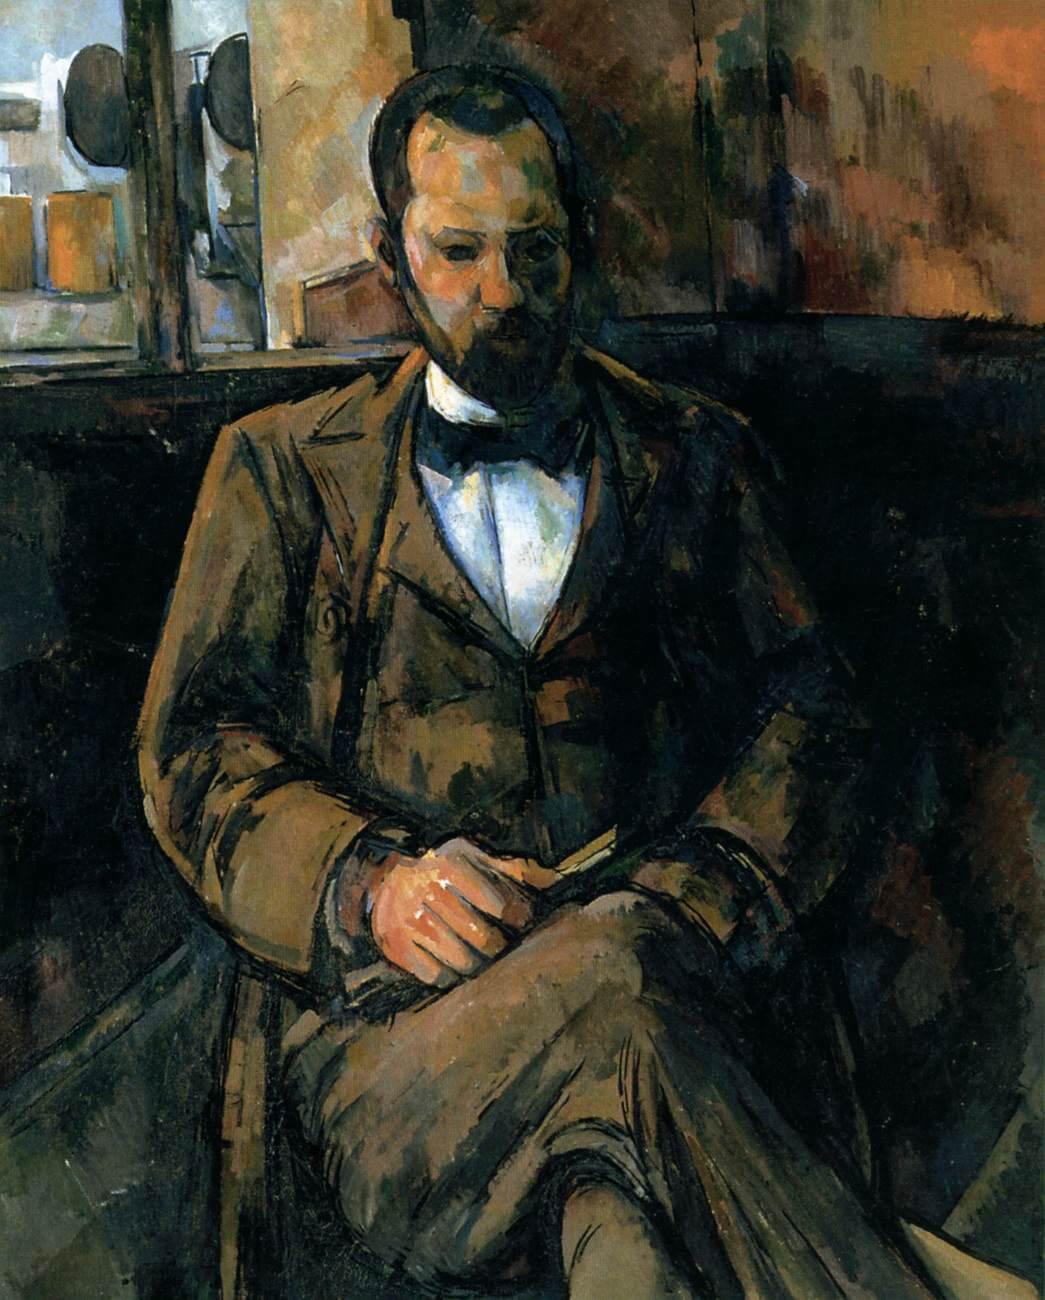 アンブロワーズ・ヴォラールの肖像 ポール・セザンヌ